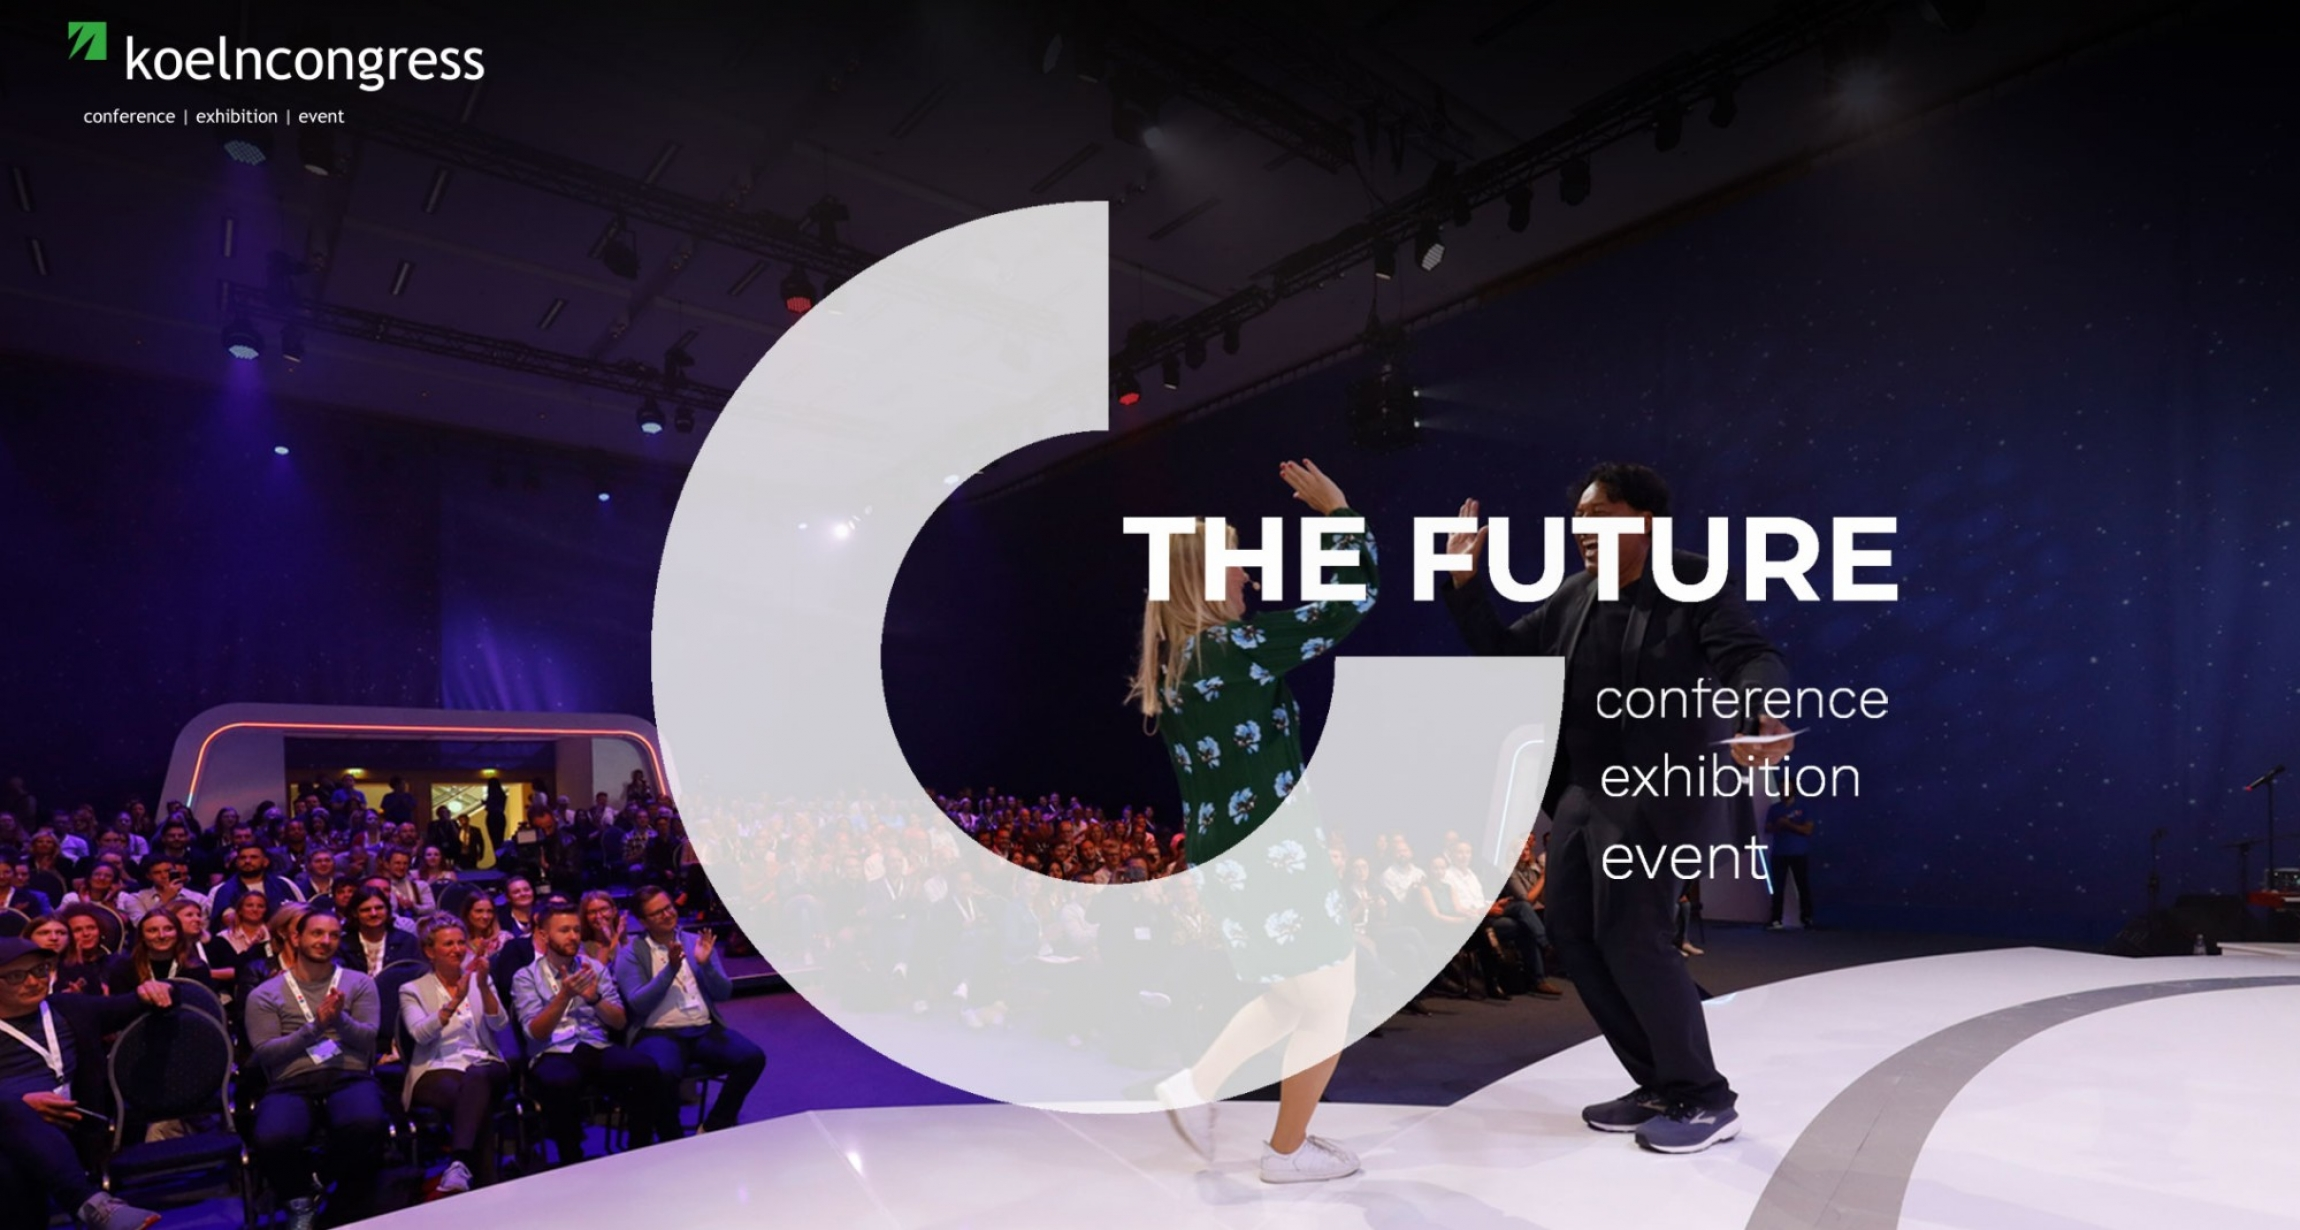 Il nuovo Koelncongress - conferenze, fiere, eventi del futuro